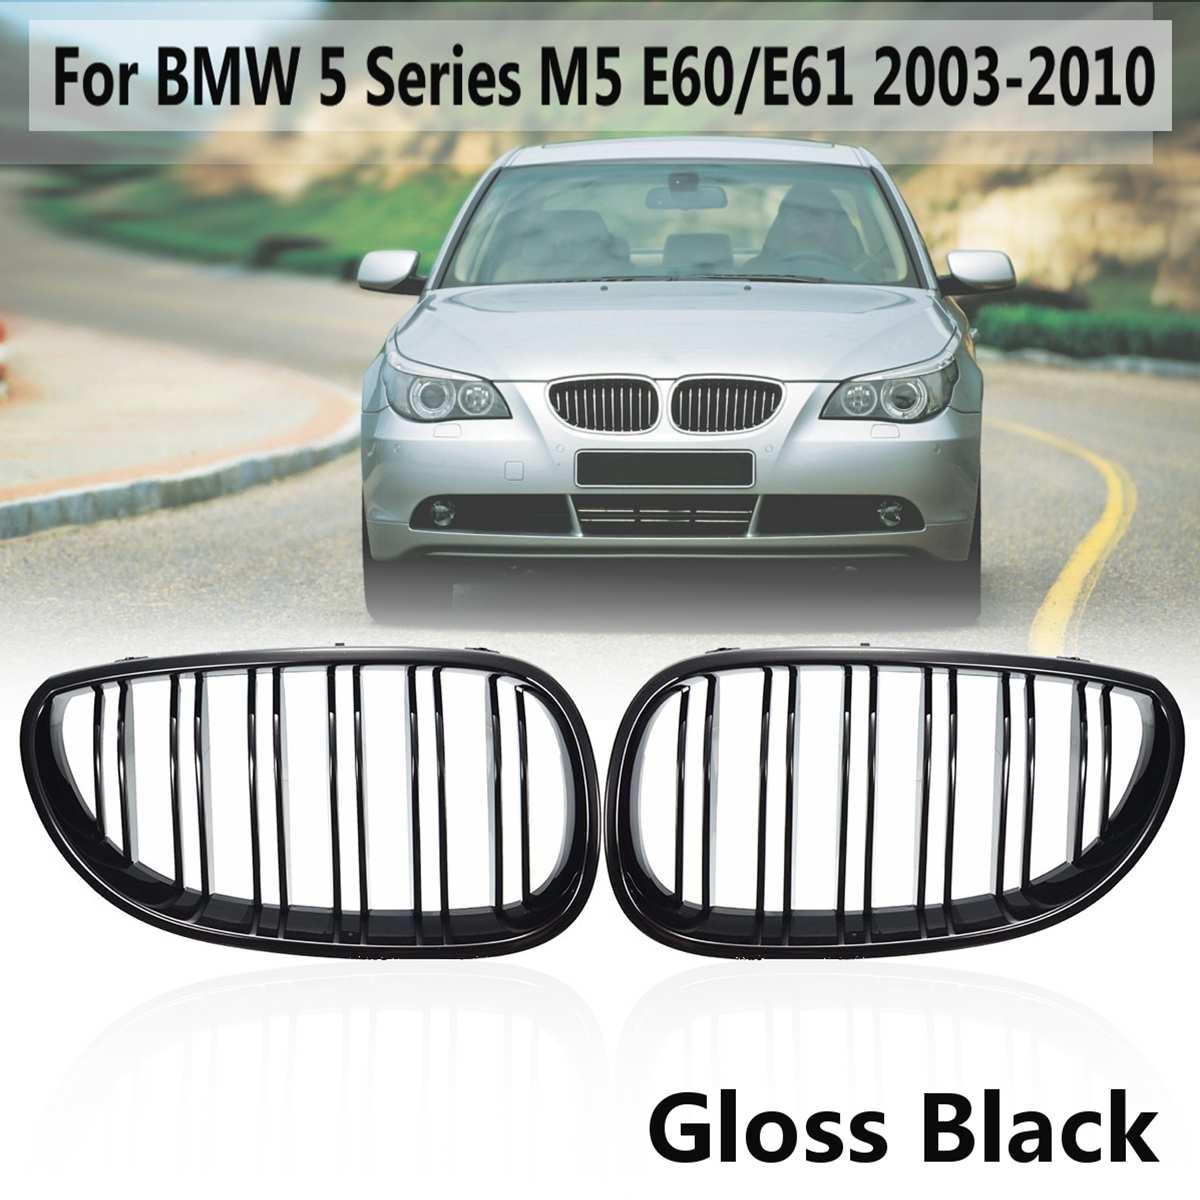 سيارة الجبهة الرياضة شواء الكلى شبكات شواء لسيارات BMW 5 سلسلة M5 E60/E61 2003 2004 2005 2006 2007 2008 2009 2010 لمعان أسود